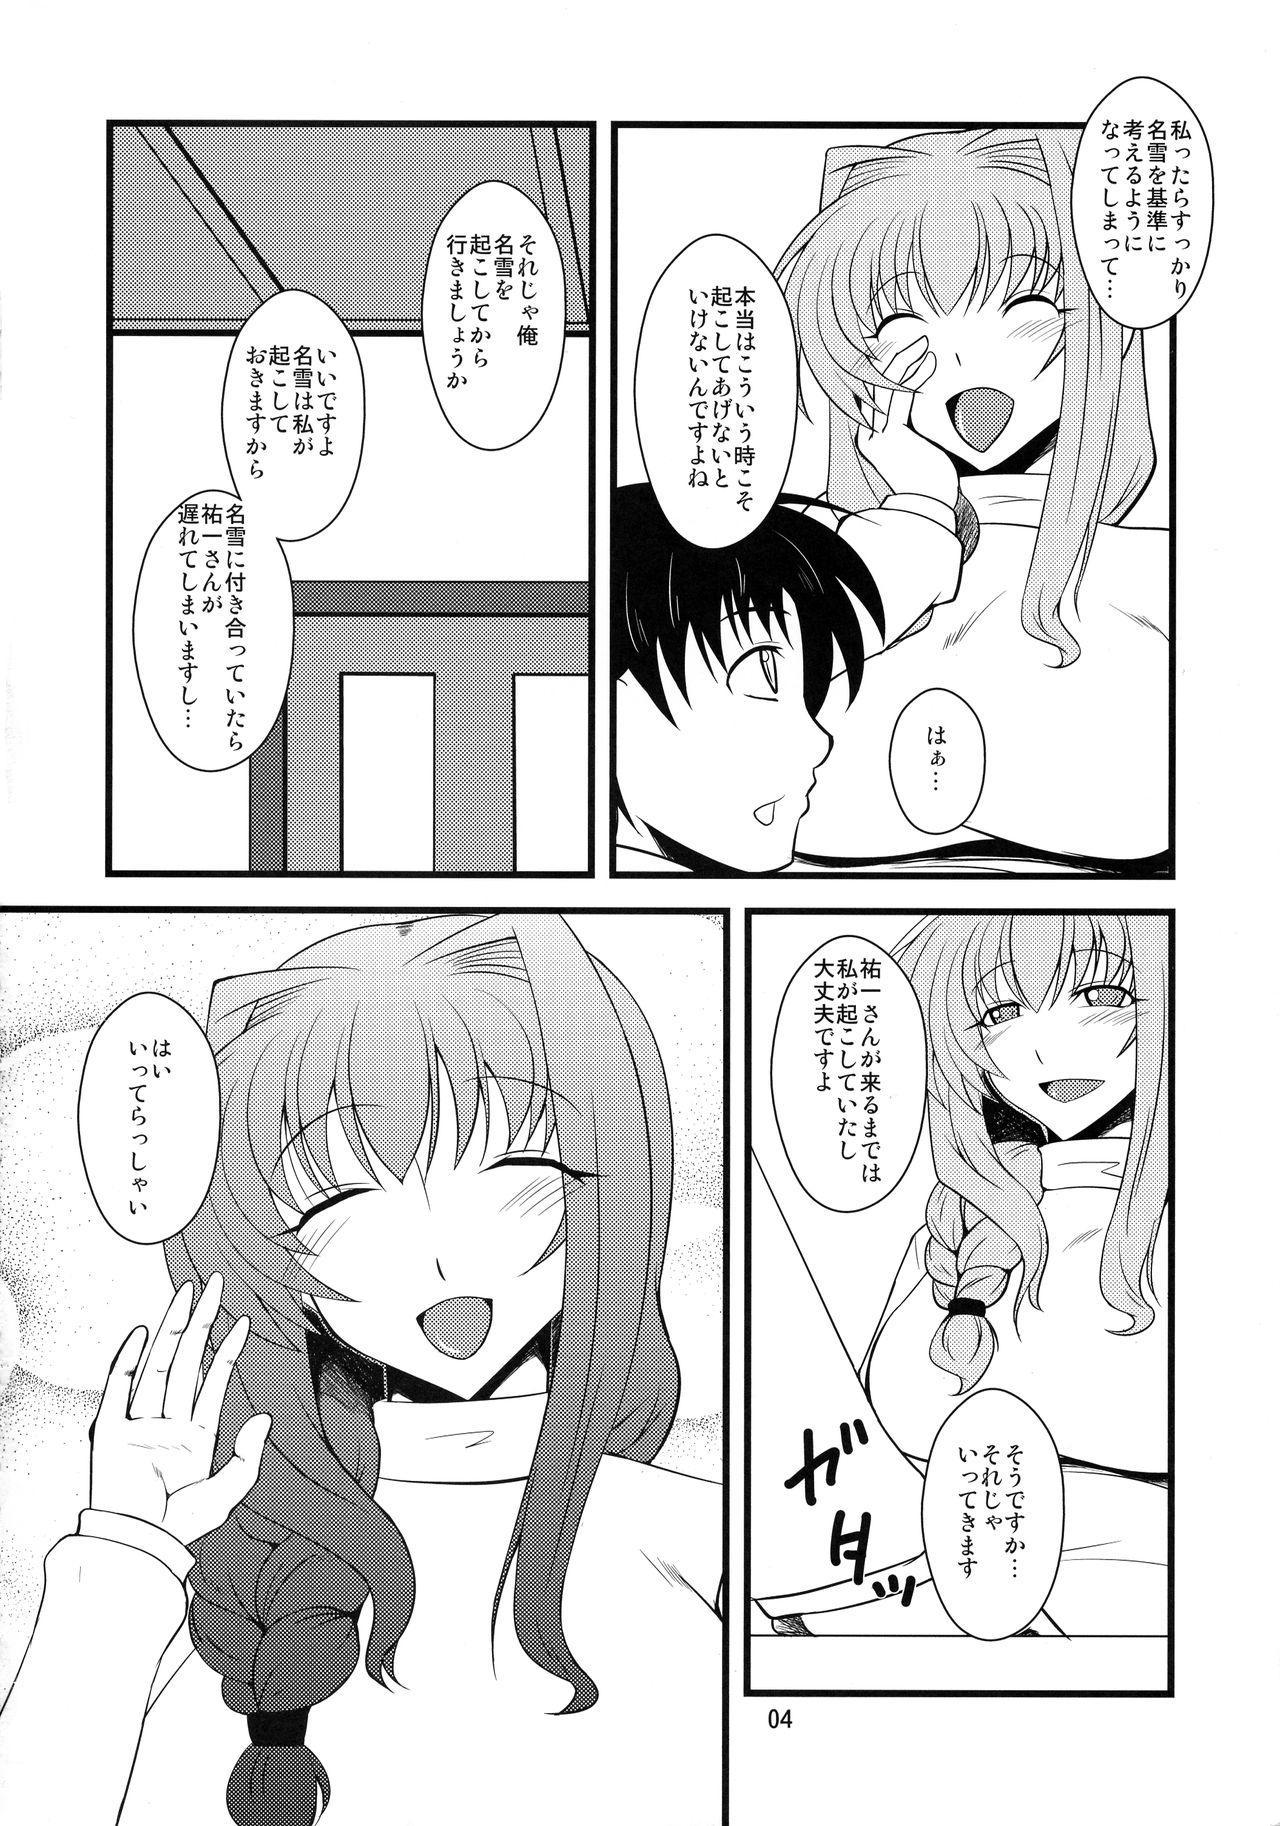 Kyouki Vol. 8 3